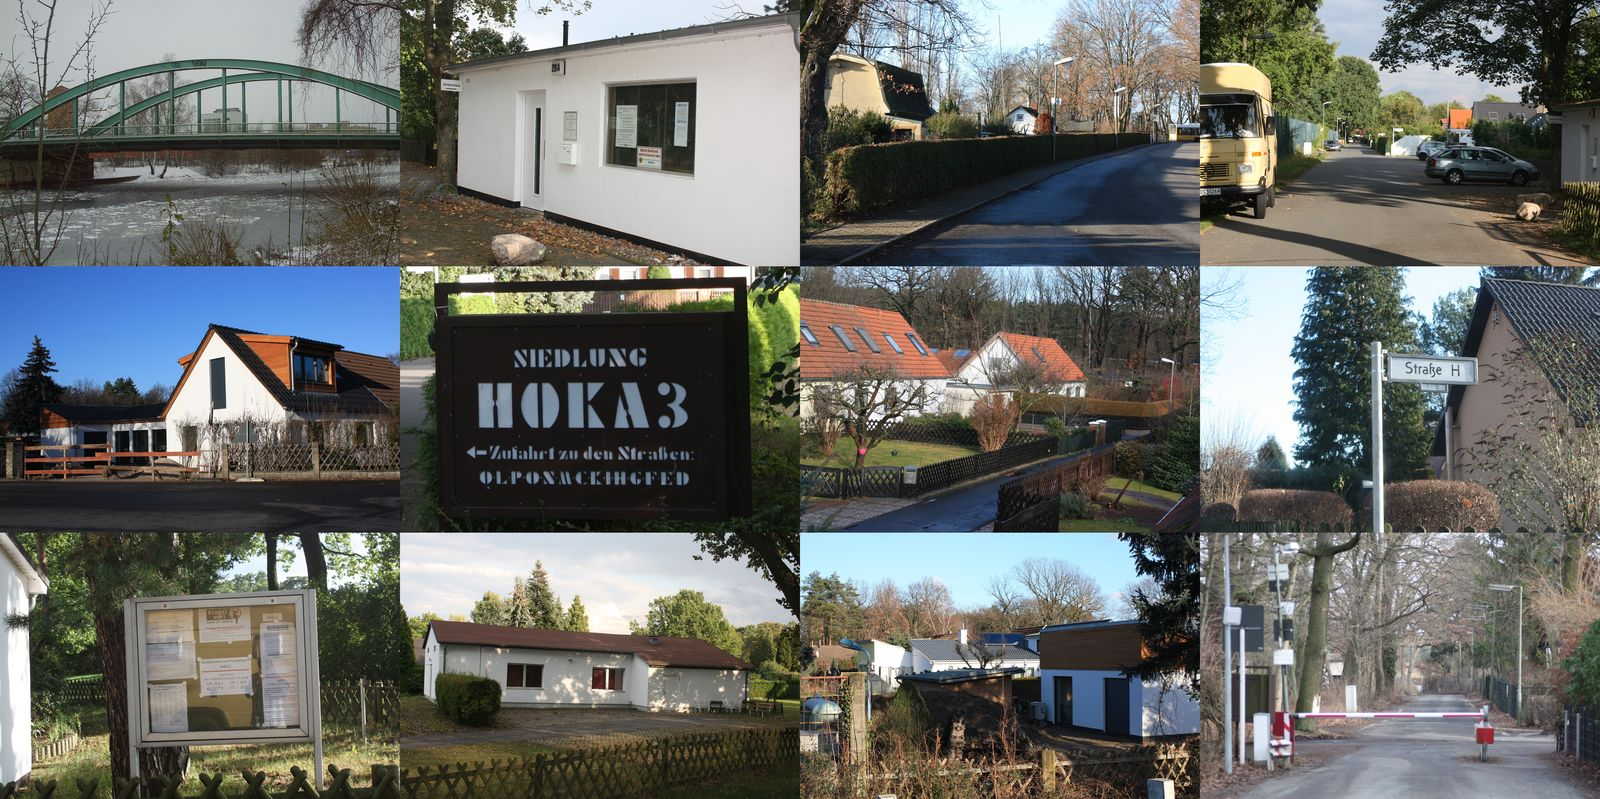 Collageb von Ansichten aus der Hoka 3